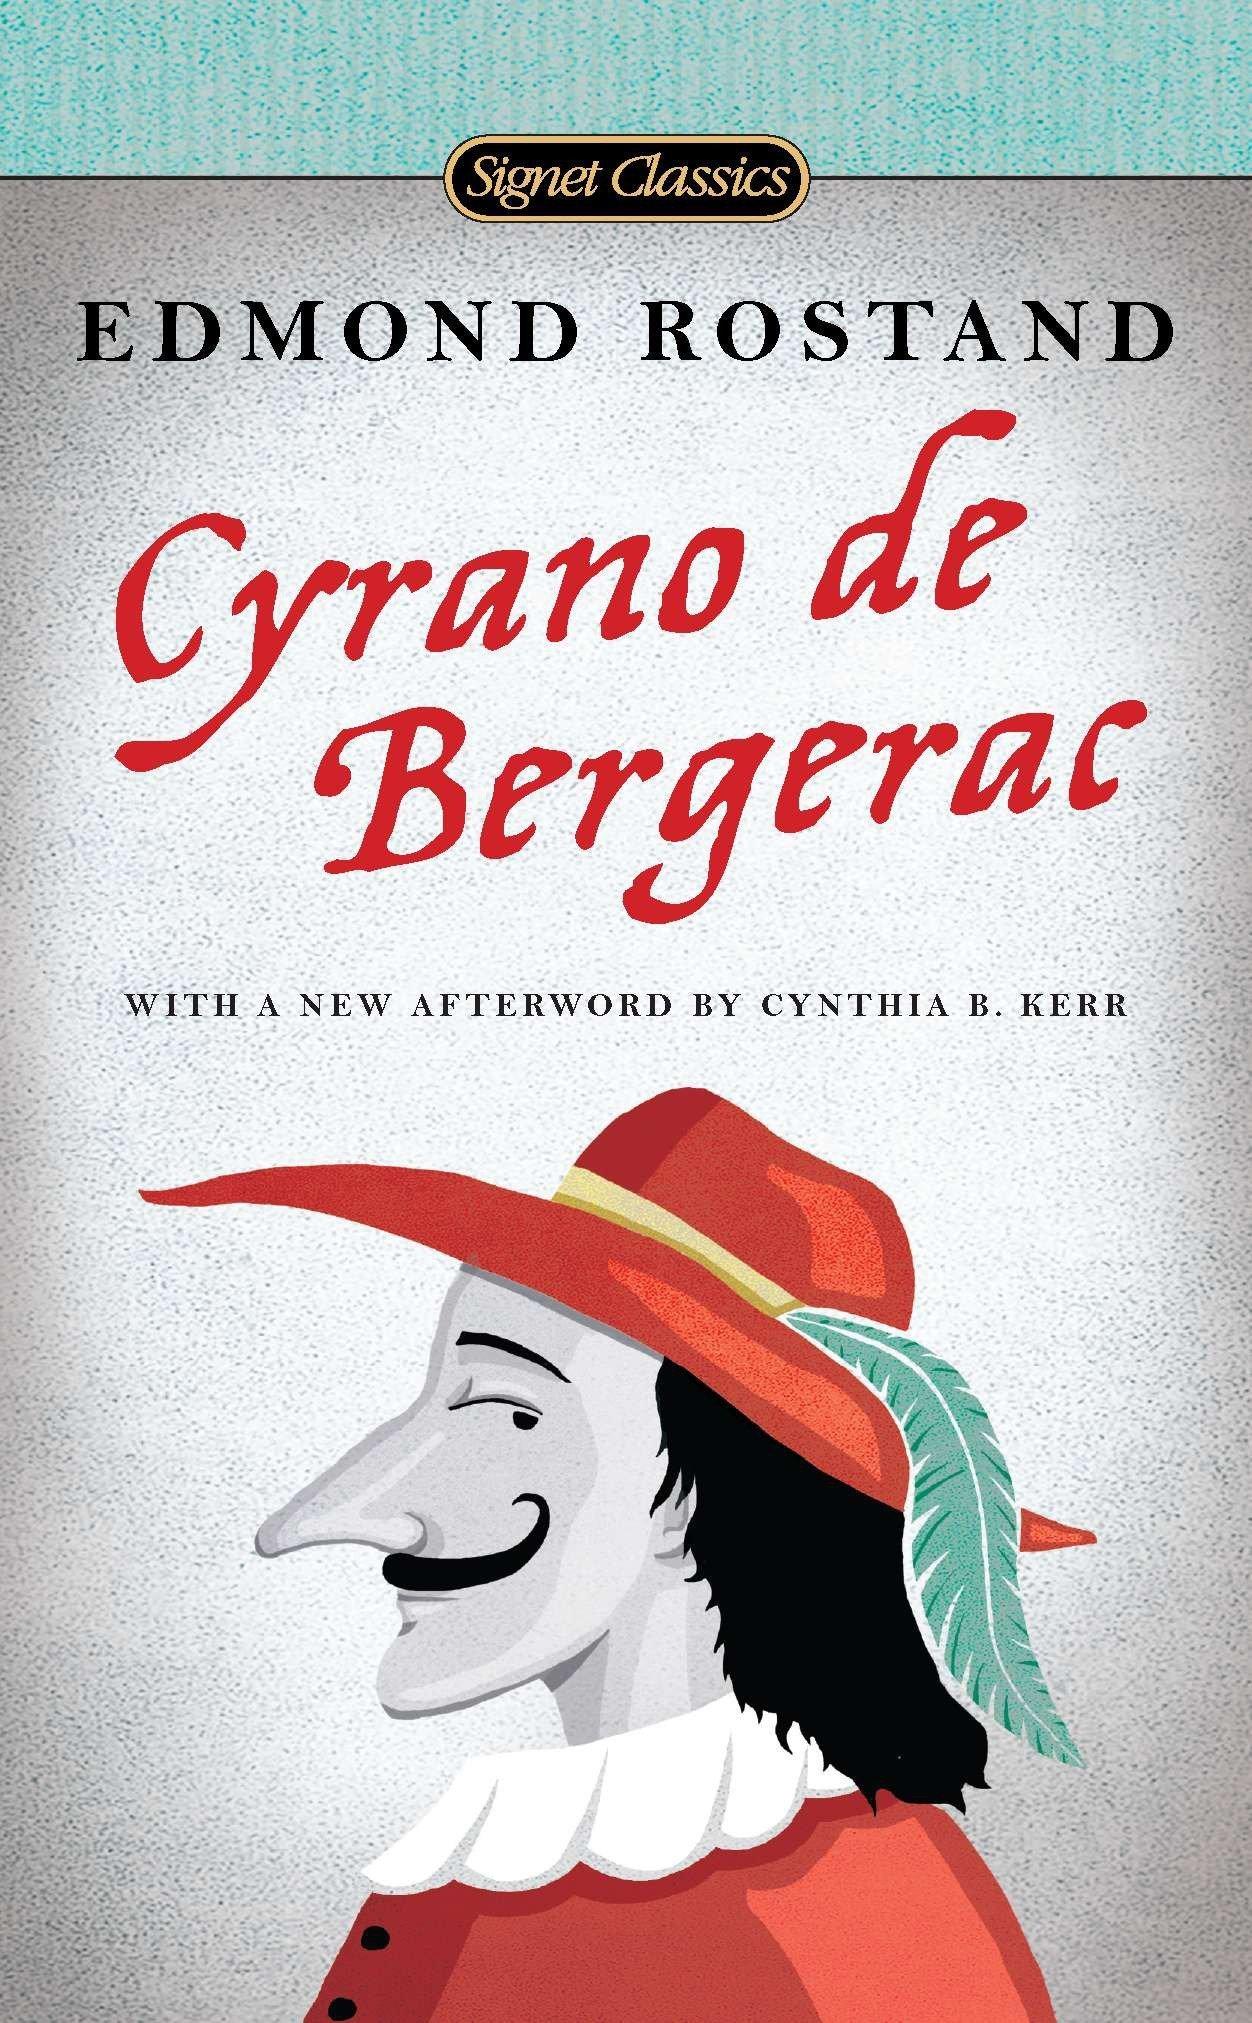 Image result for cyrano de bergerac book